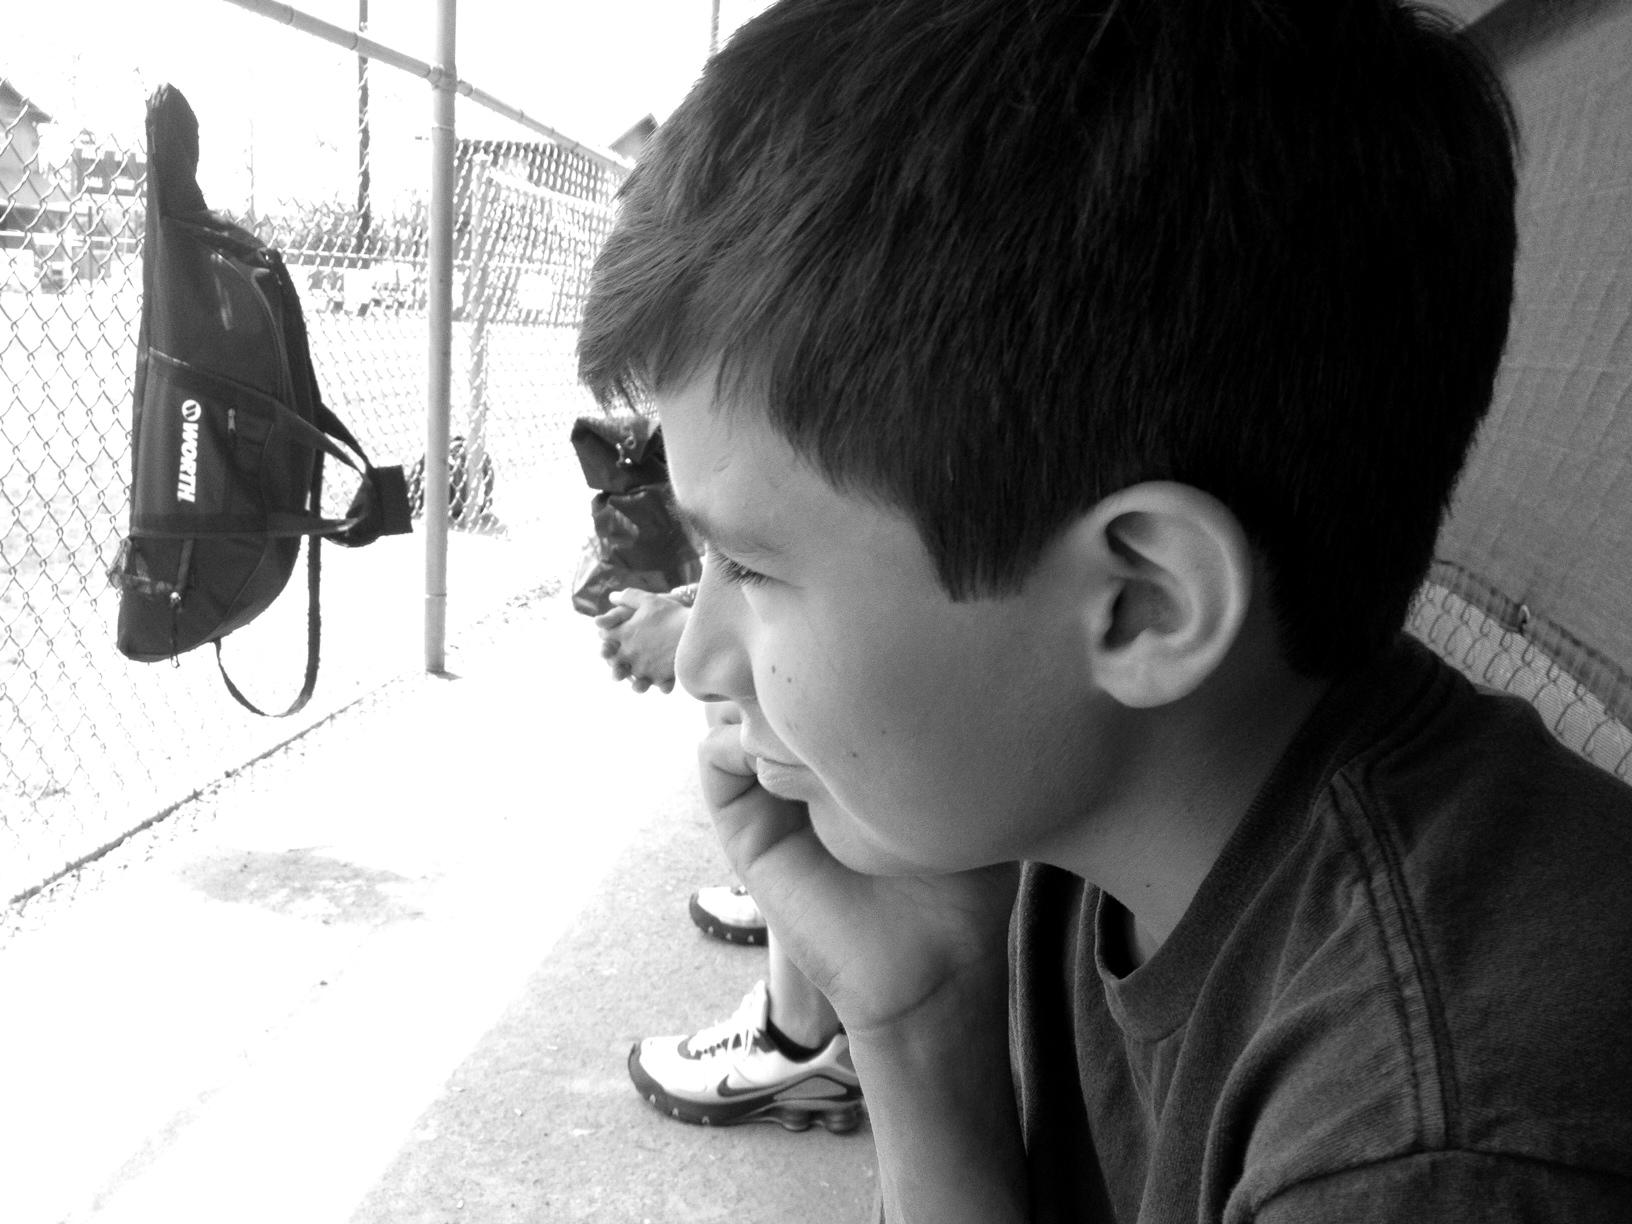 Thomas at the Ball Field